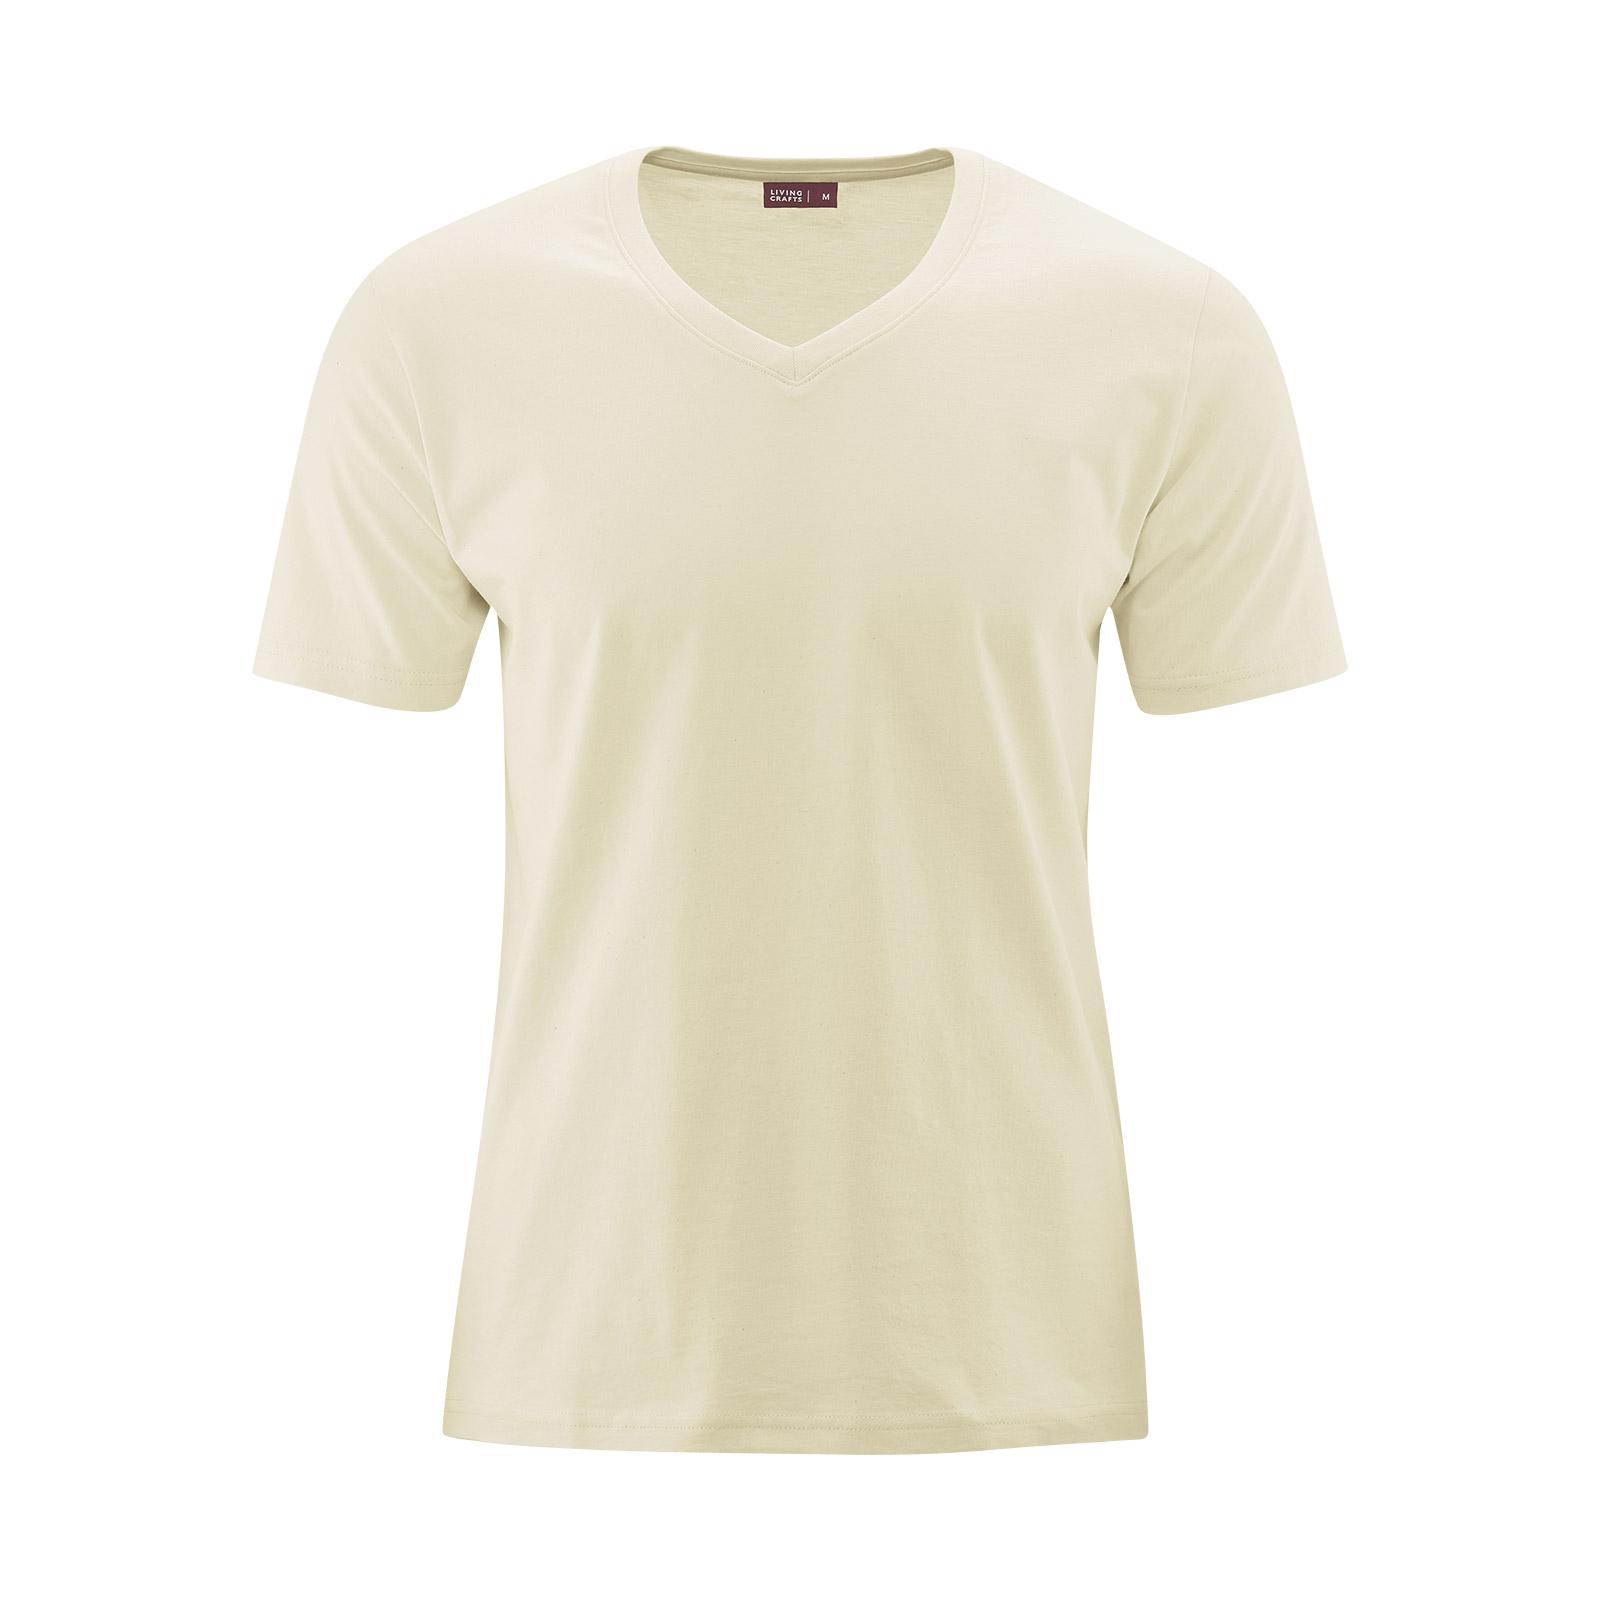 Living Crafts Herren T-Shirt mit V-Ausschnitt - zertifizierte Bio Baumwolle  - PureNature 07e070ffb9